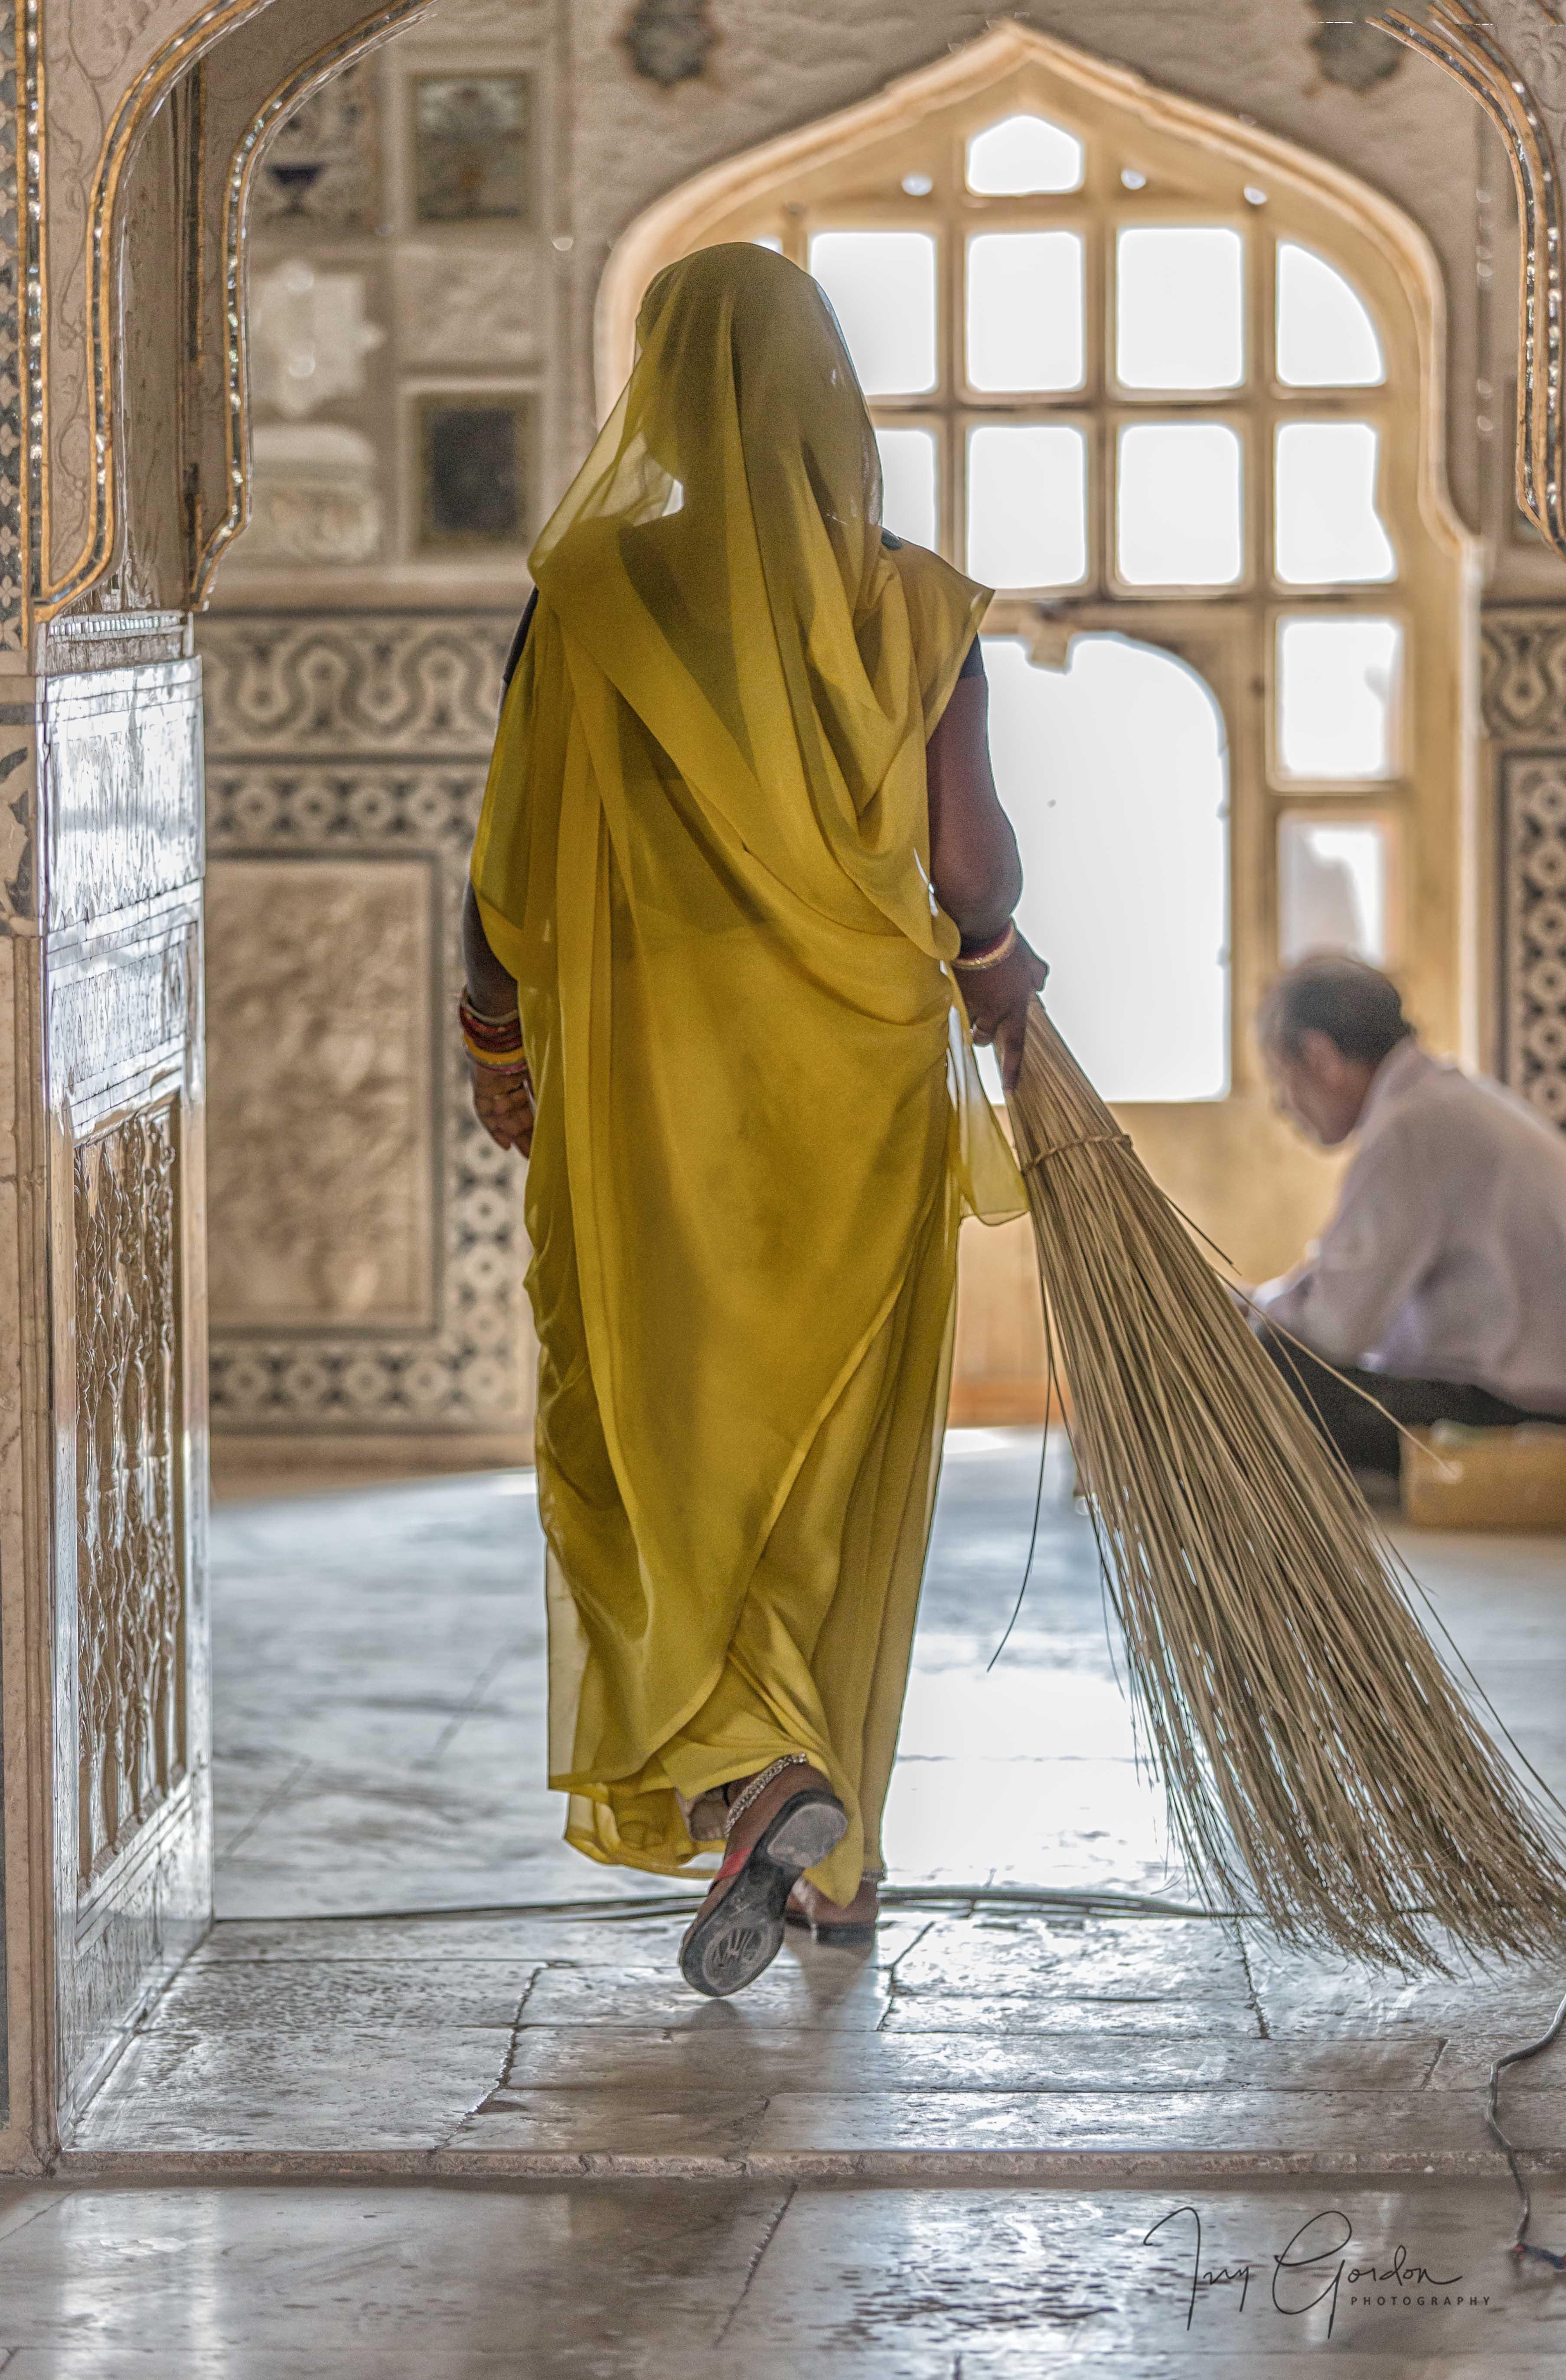 jaipur-2116-Edit